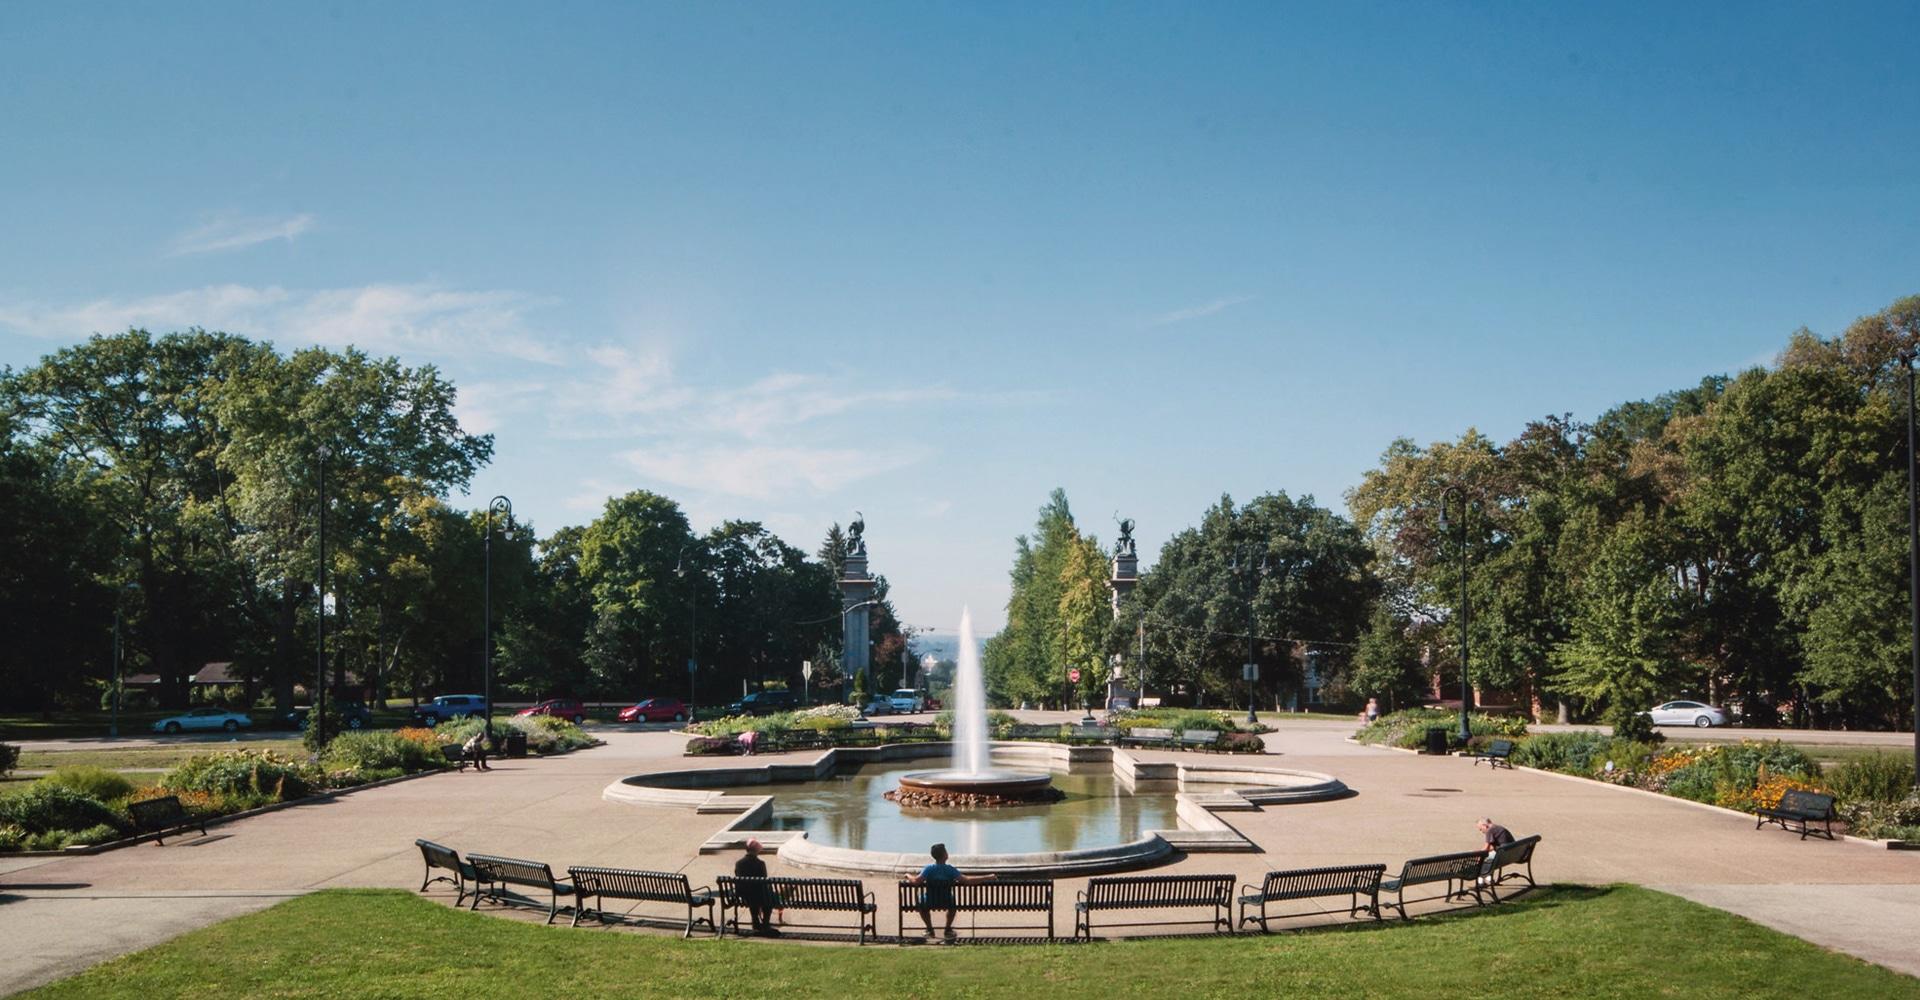 Highland Park entrance and fountain